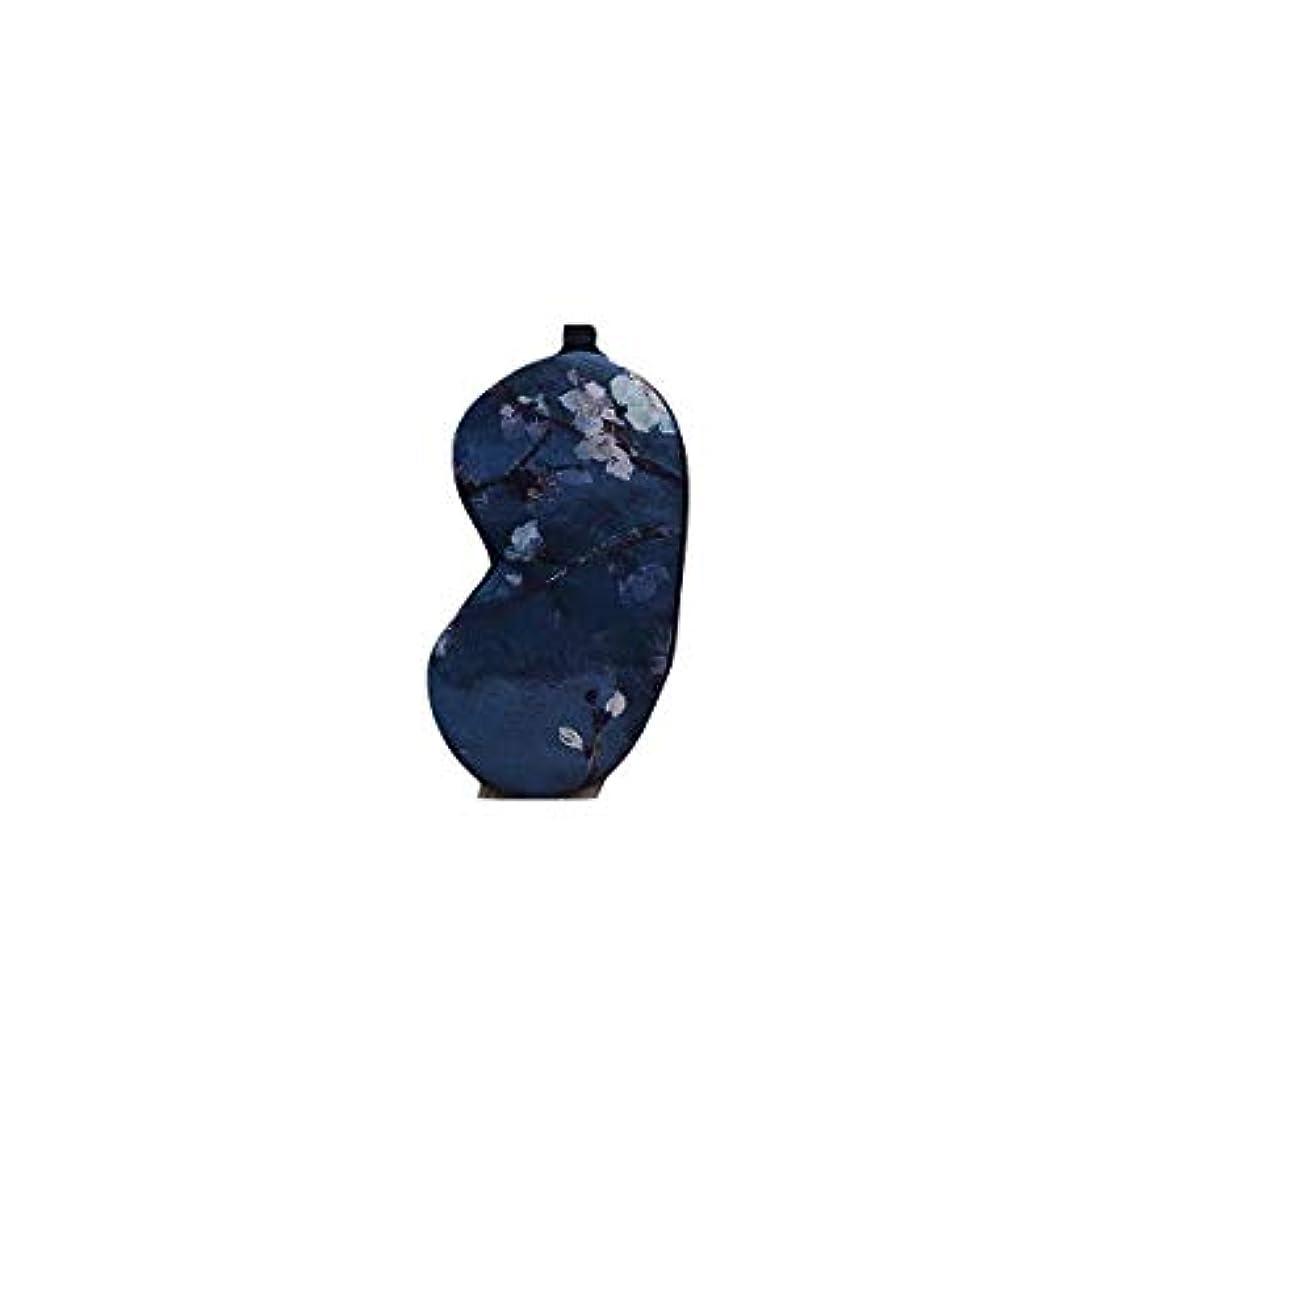 神秘的な統合するボウルシルクアイマスクは、目の疲れダークサークルを緩和することができます、女性モデルの睡眠シェーディング学生通気性の目の保護、加熱と加熱 (Color : Blue)